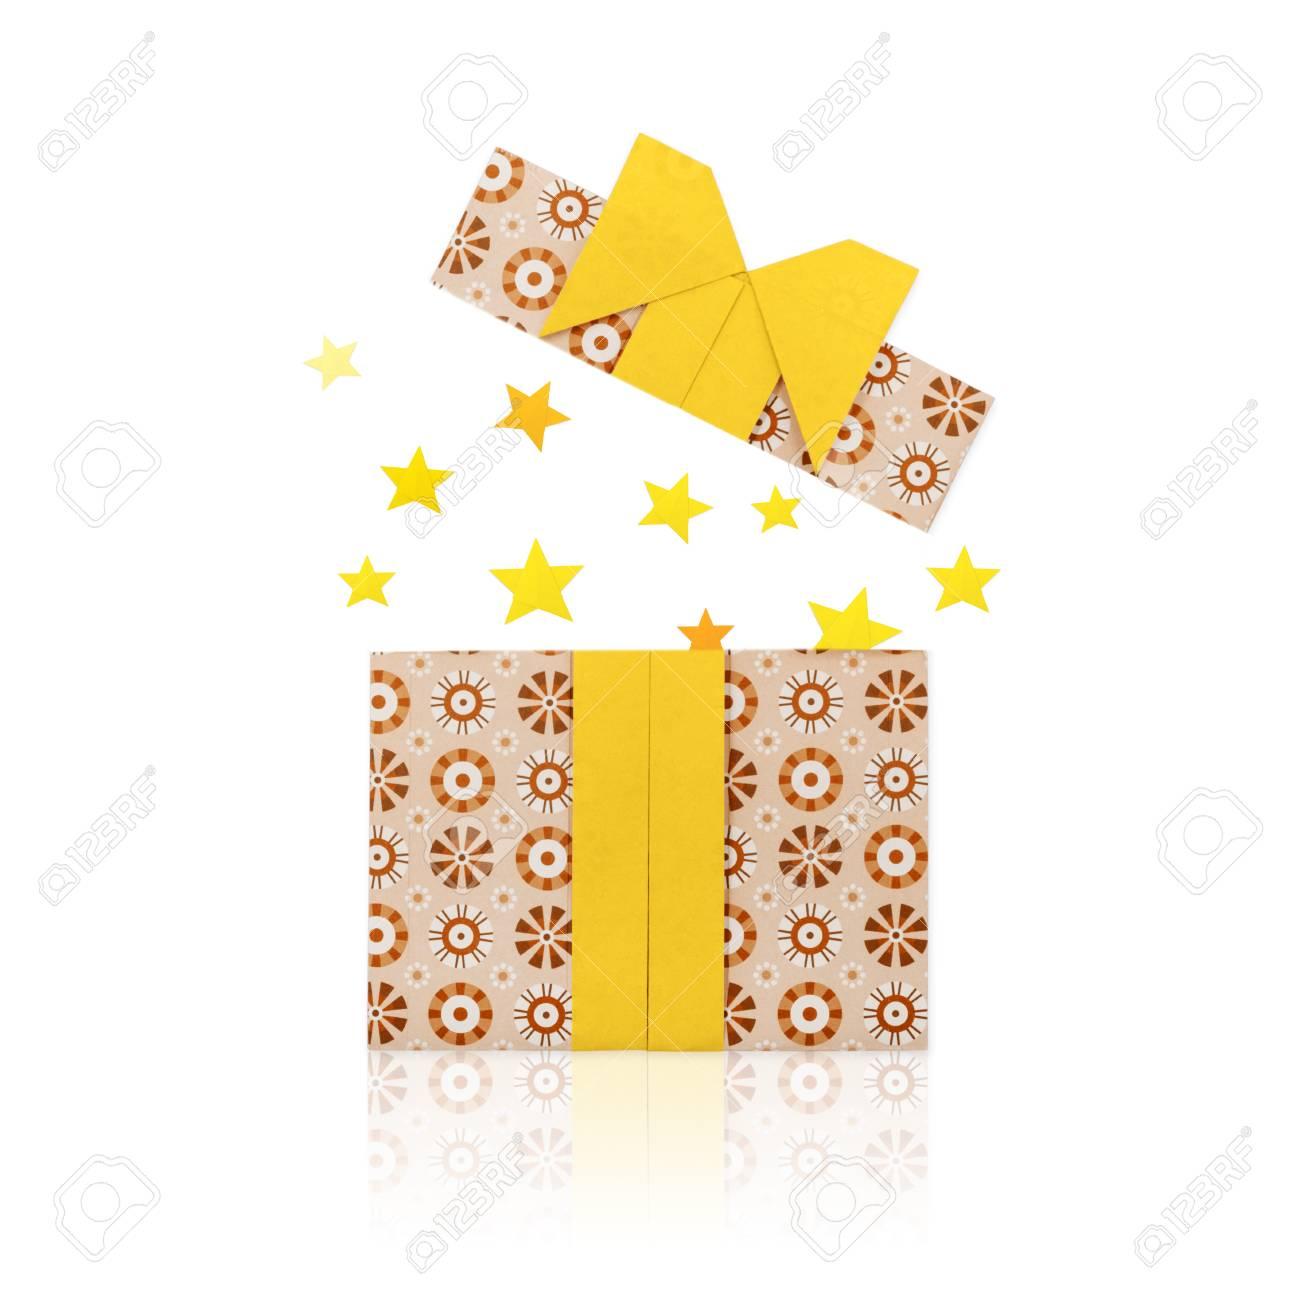 boîte cadeau en papier origami banque d'images et photos libres de